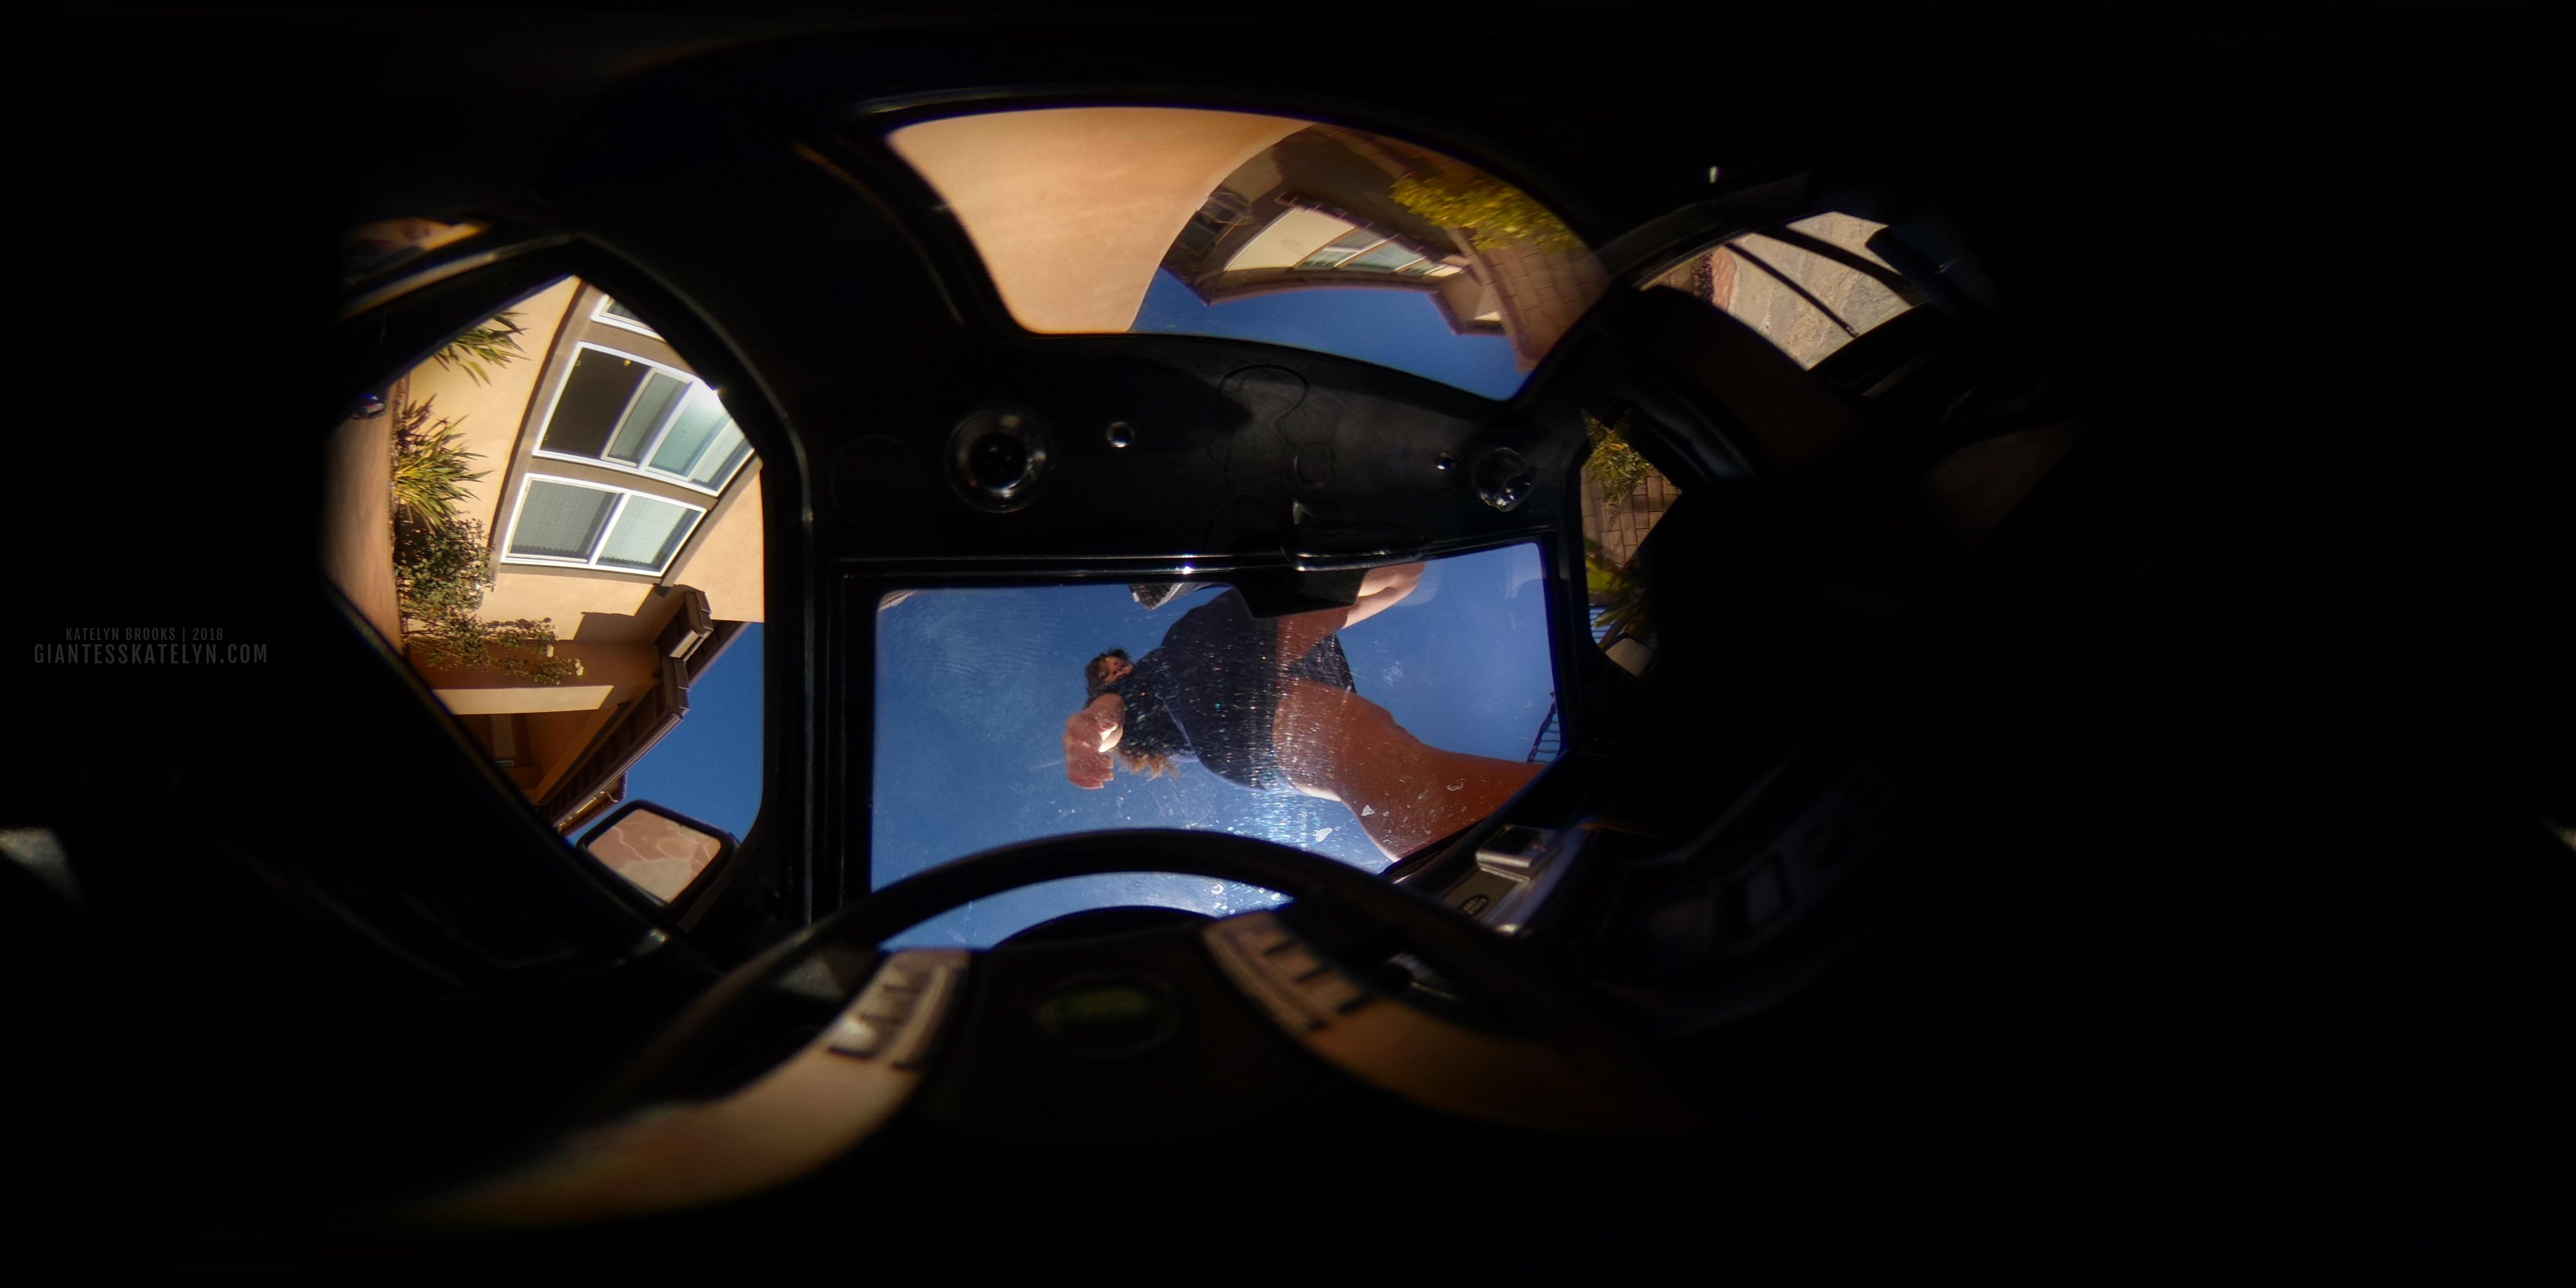 360-4k-vr-shrunken-man-pov-inside-car-06